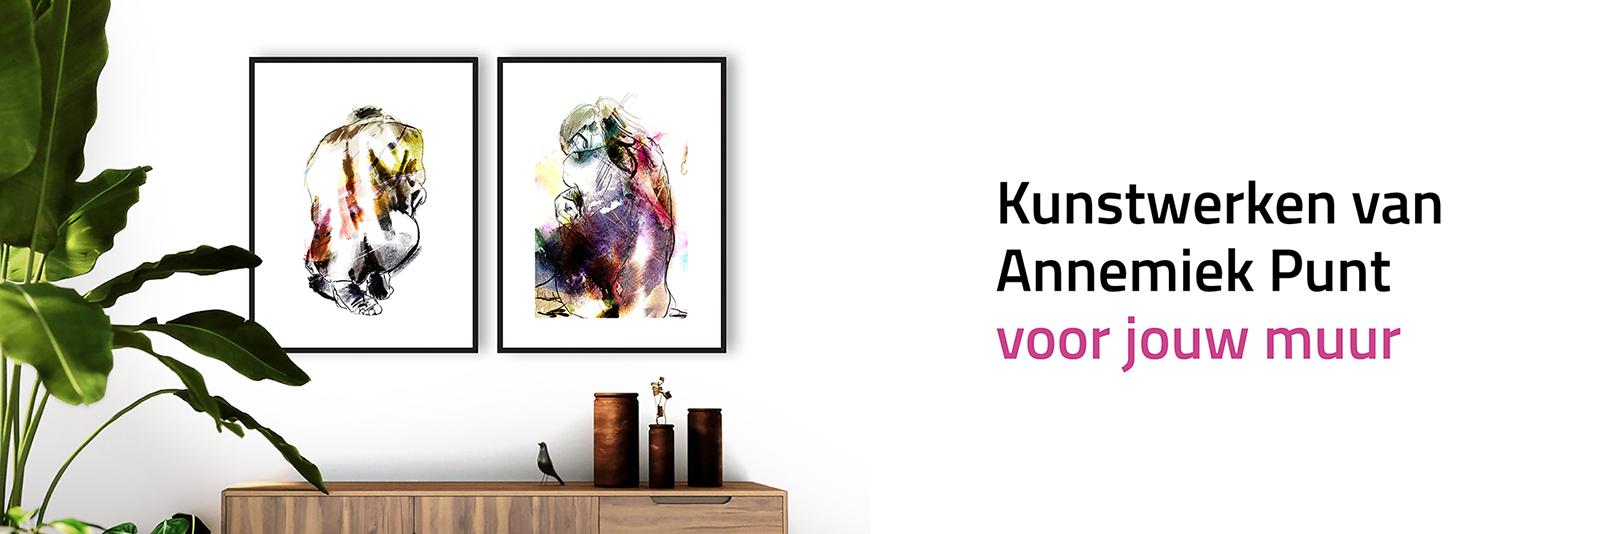 Banner Stille Kracht Wind en Tegenwind | Giclée Schilderkunst | Atelier Galerie Annemiek Punt